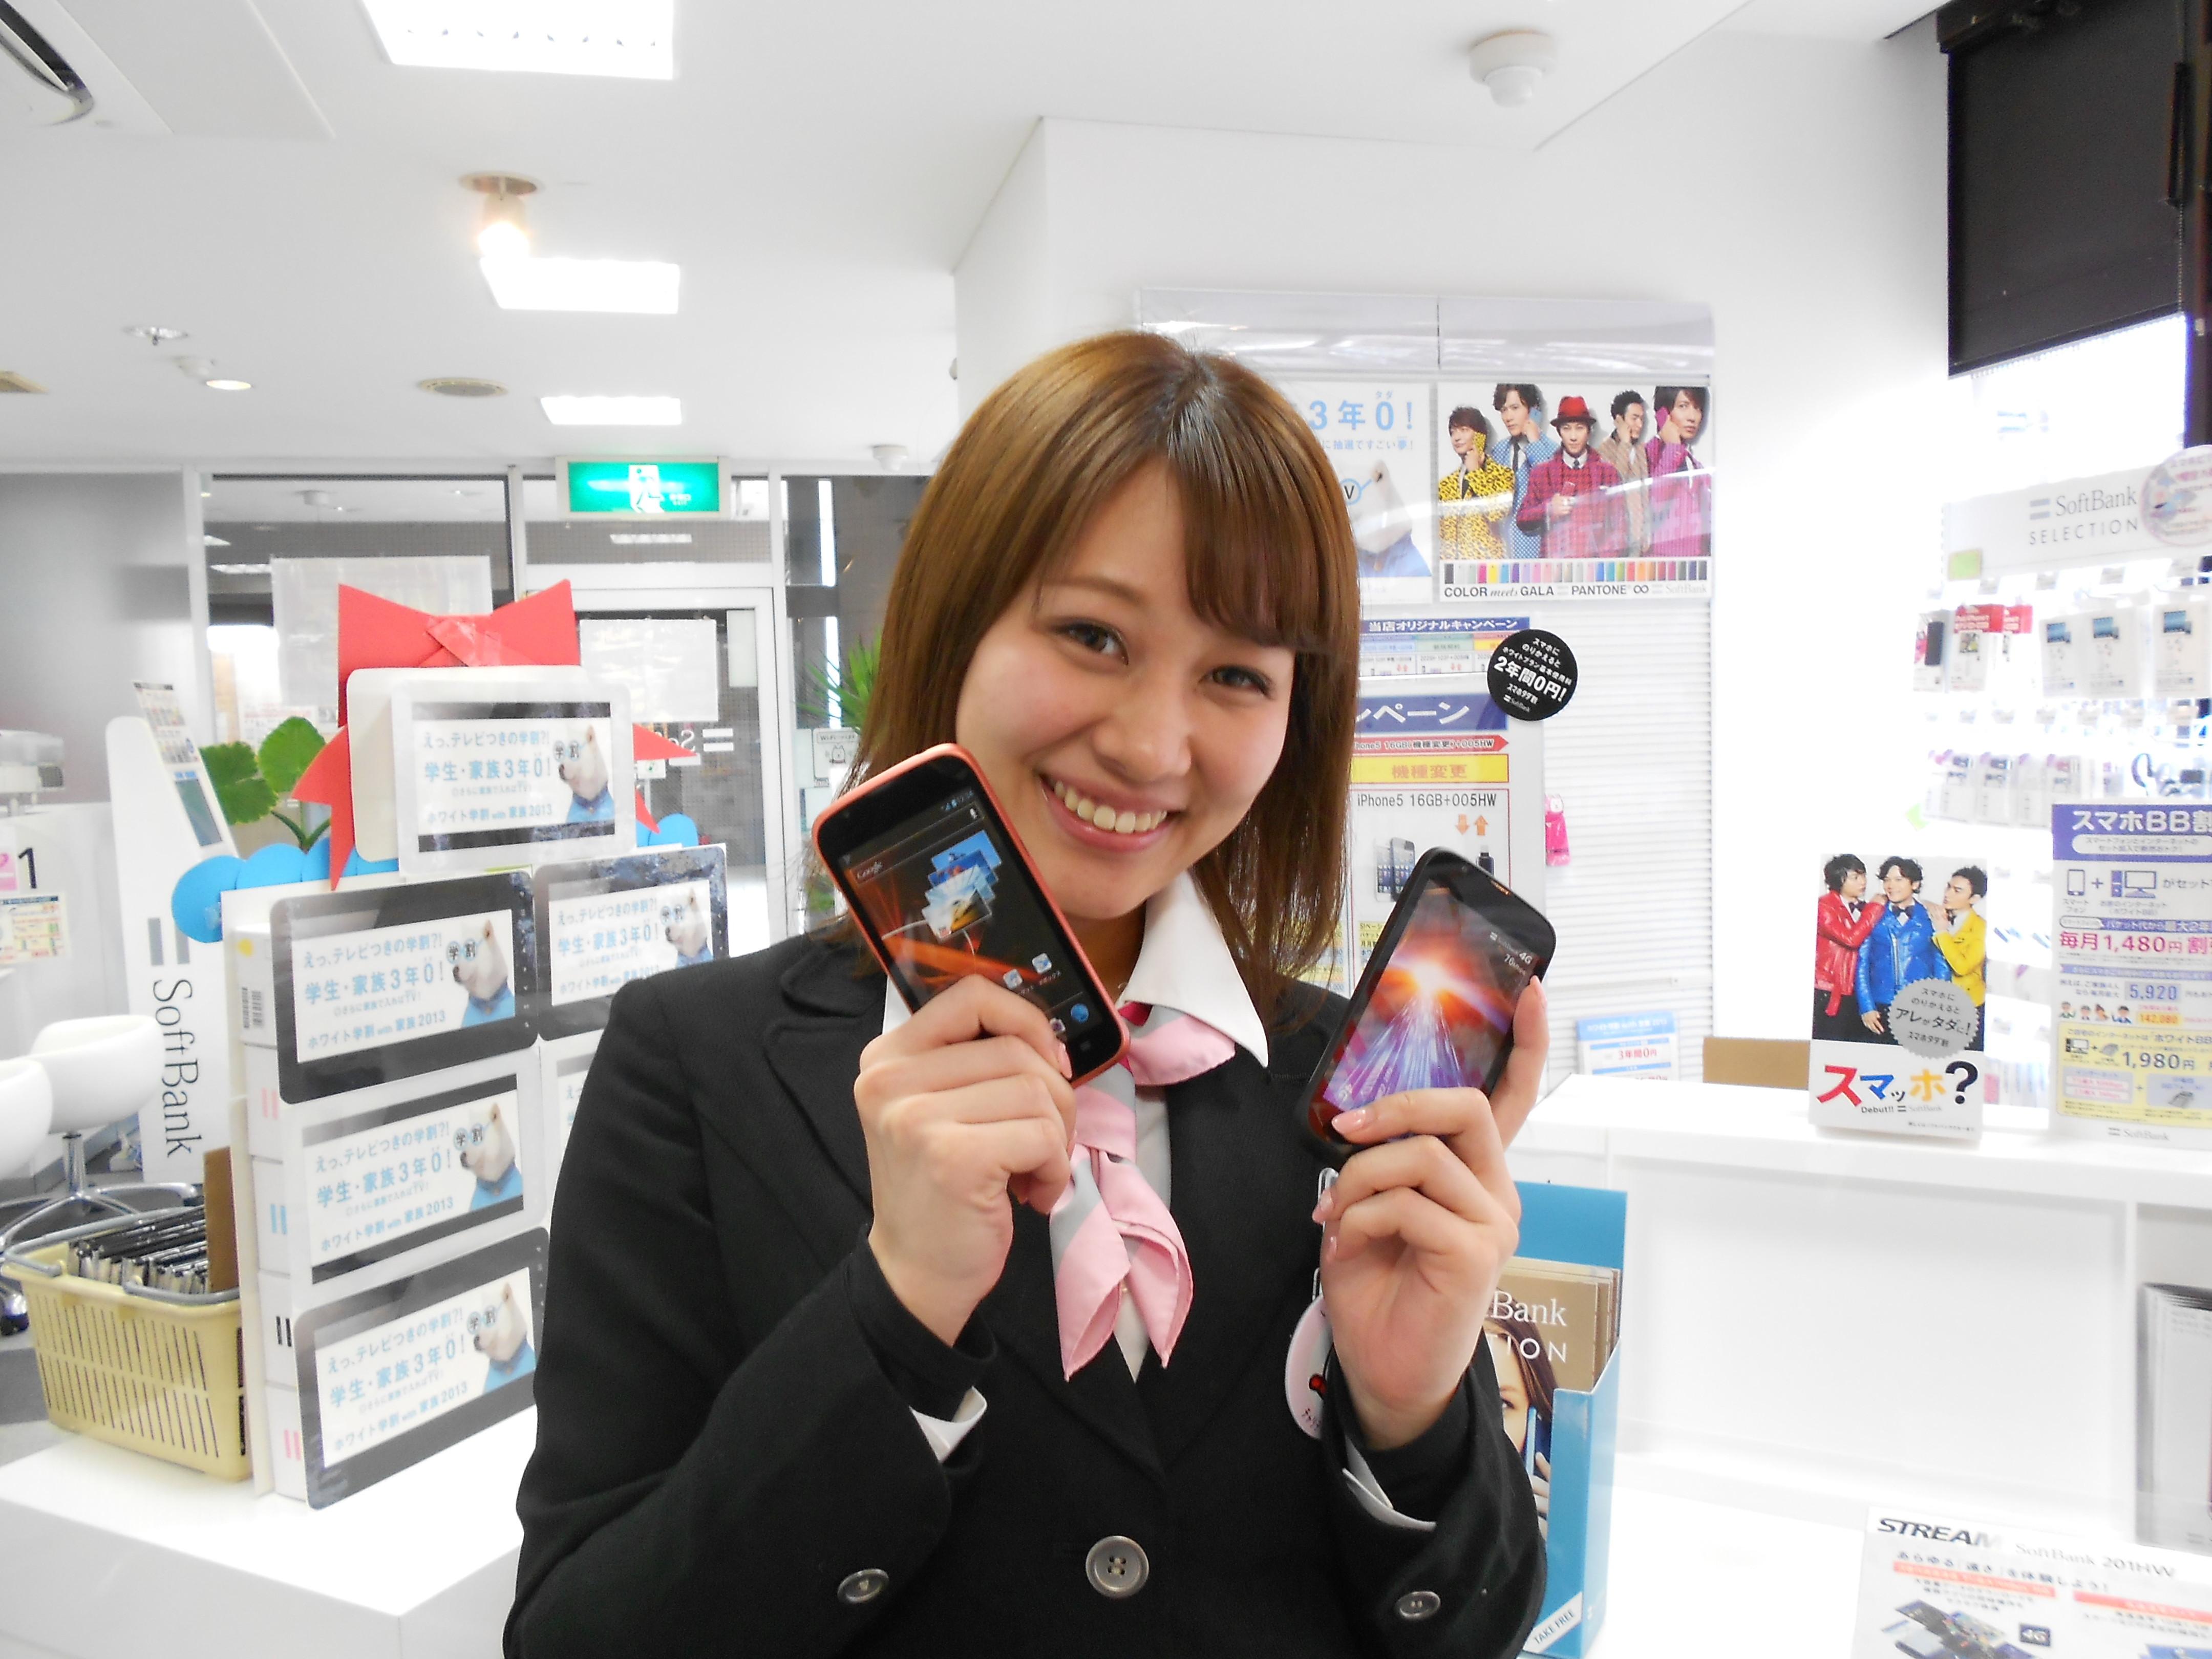 ソフトバンク 西荻窪(株式会社シエロ)のアルバイト情報